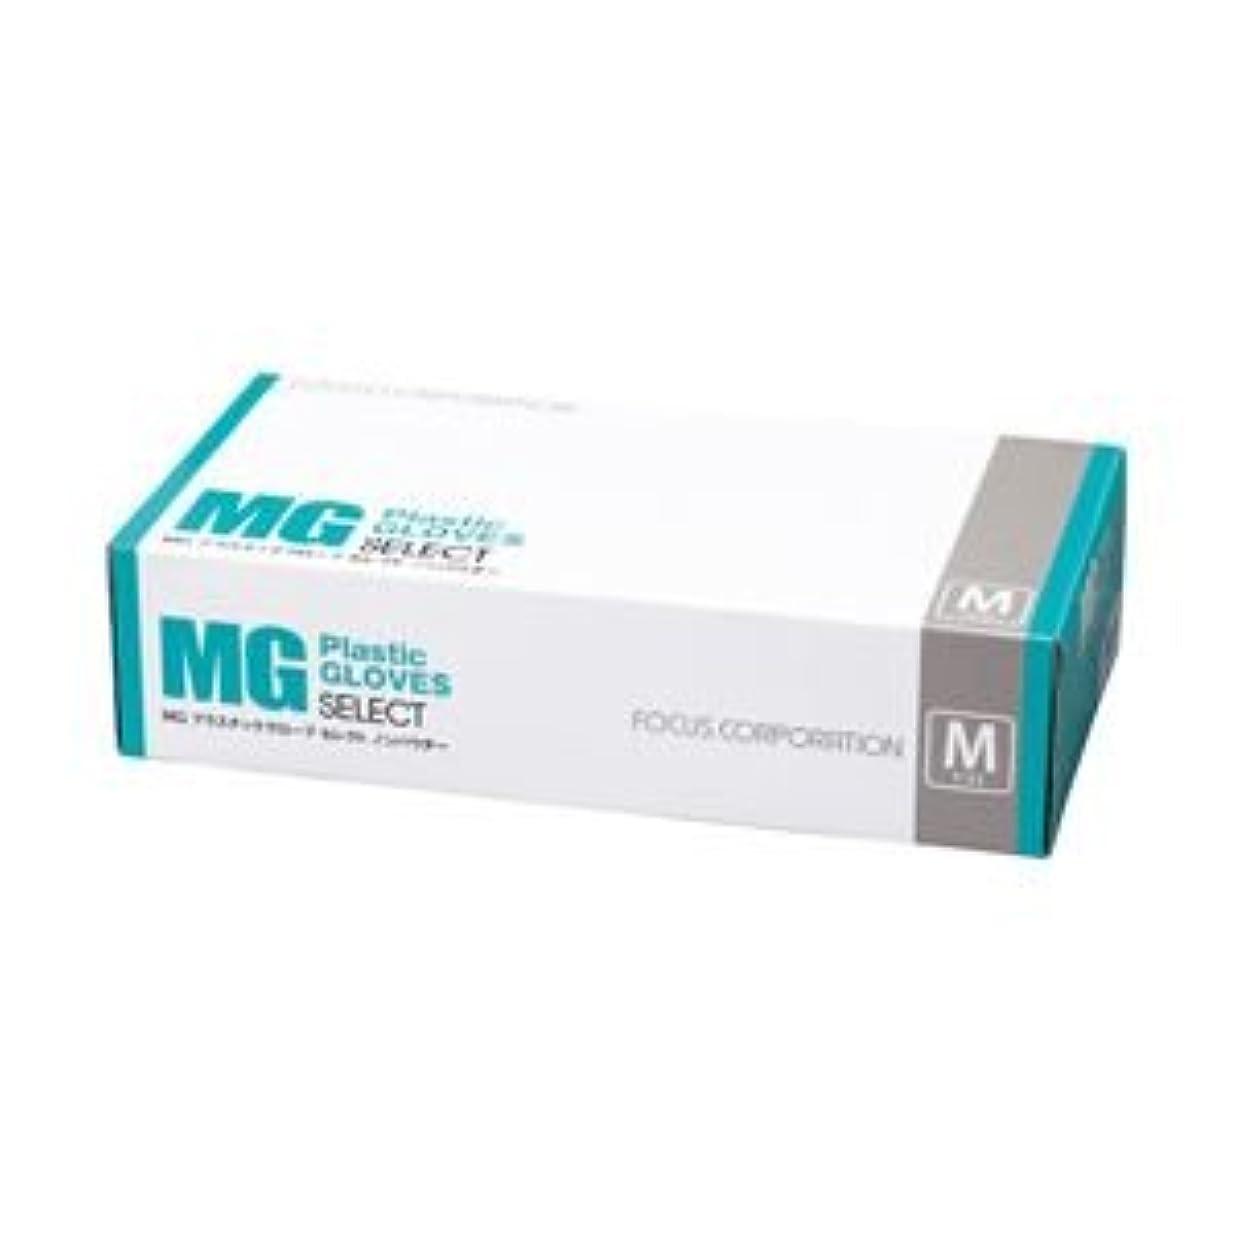 集中的な知り合い監督するフォーカス (業務用セット) MGプラスチックグローブSELECT 粉なし 半透明 1箱(100枚) Mサイズ (×10セット)